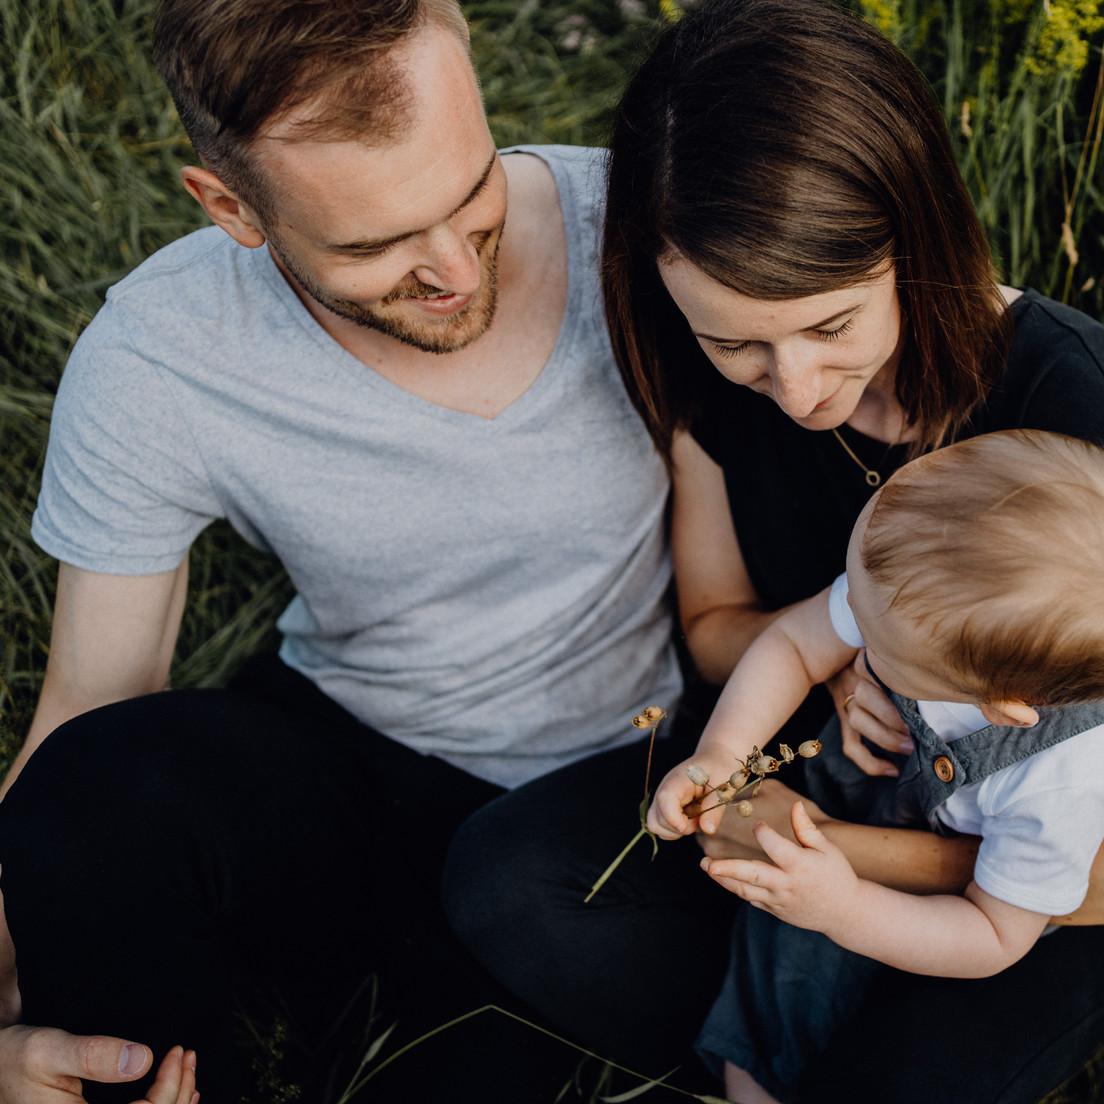 Familienshooting-105.jpg